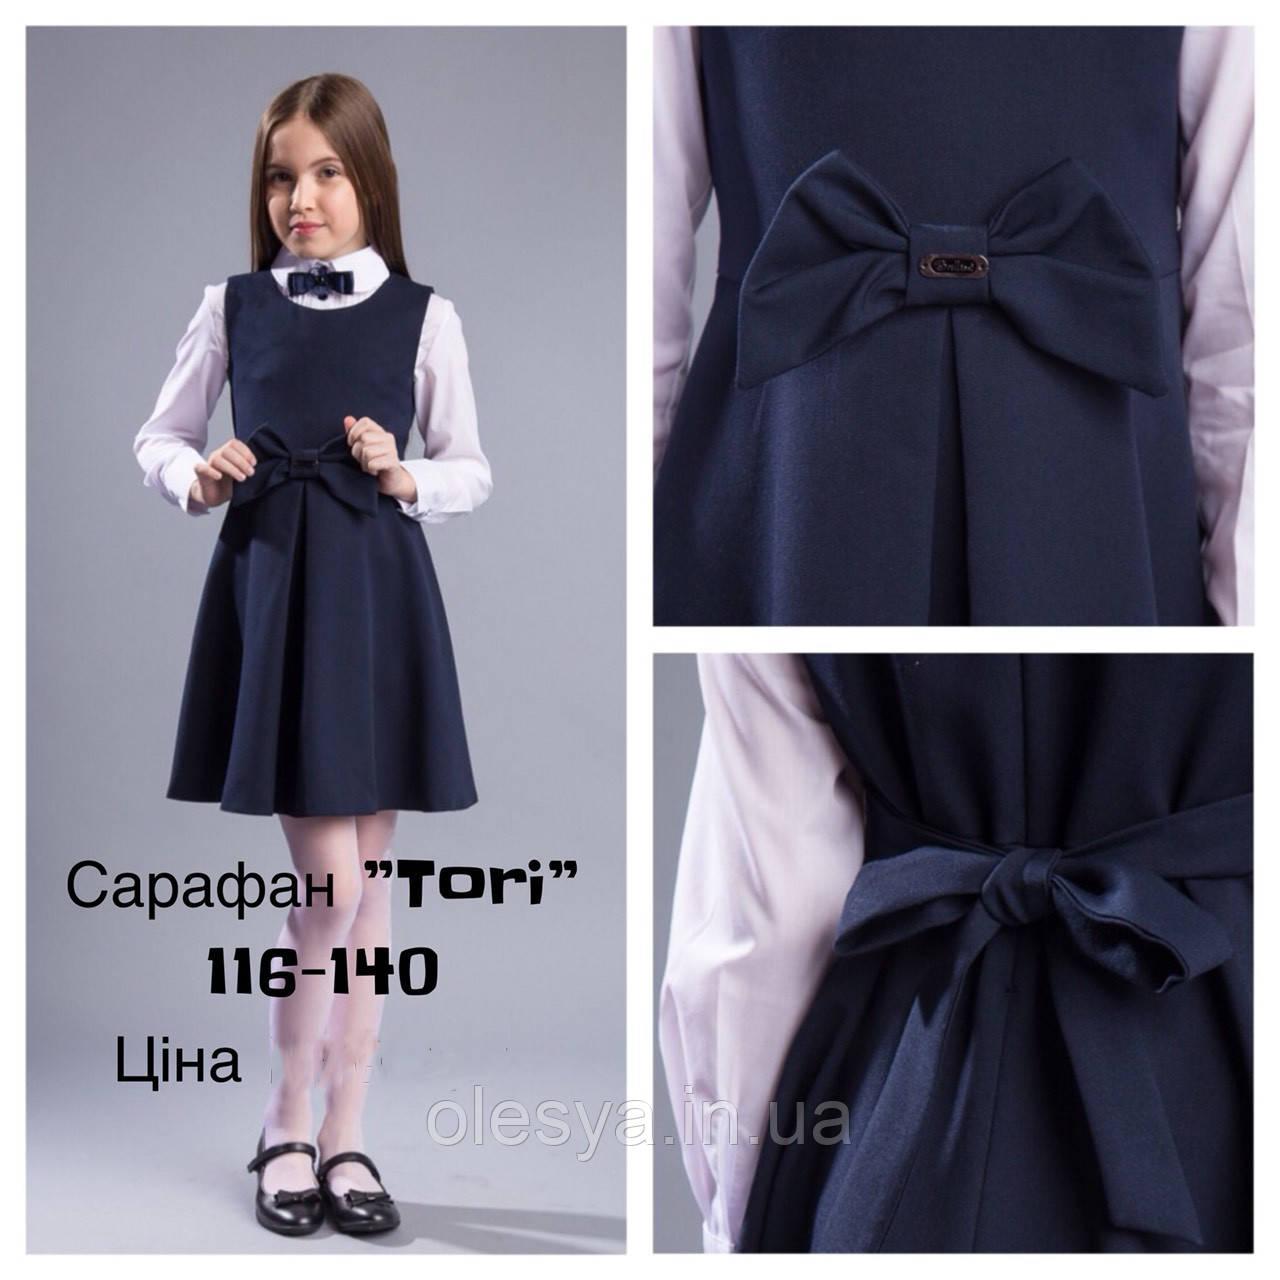 b98c95f7c31 Нарядный школьный сарафан для девочки Тори. Размері 122